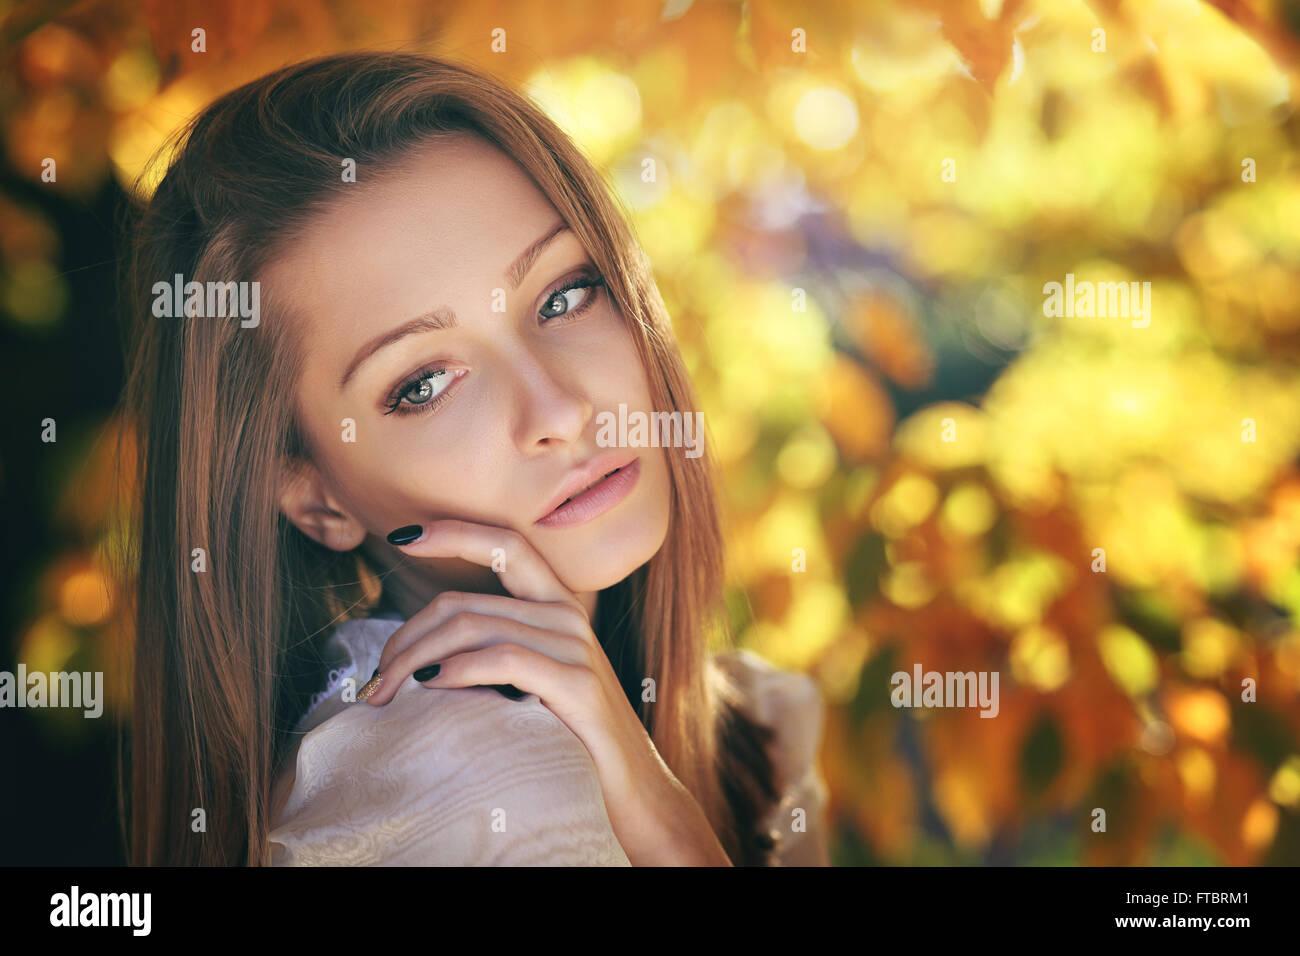 Otoño cálido retrato de una joven mujer . Golden deja atrás Imagen De Stock